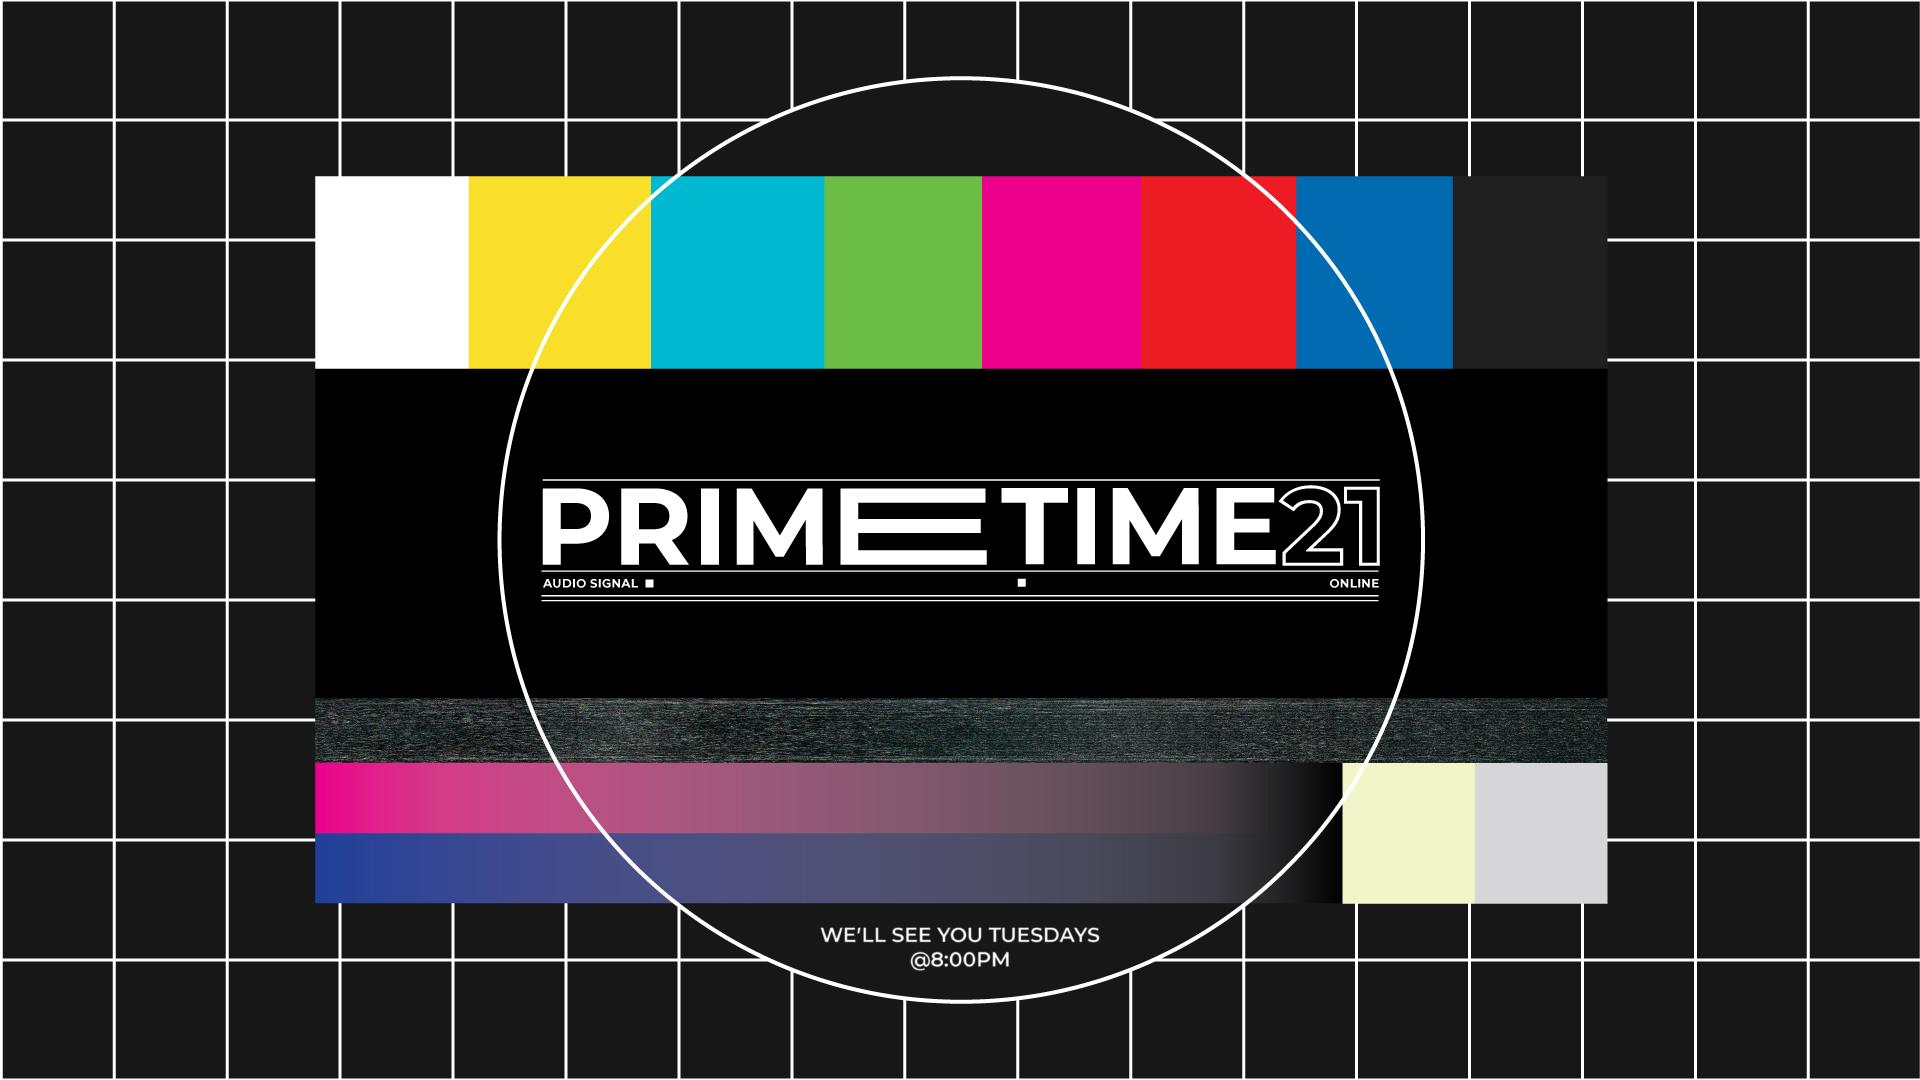 Primetime-2021-Graphic